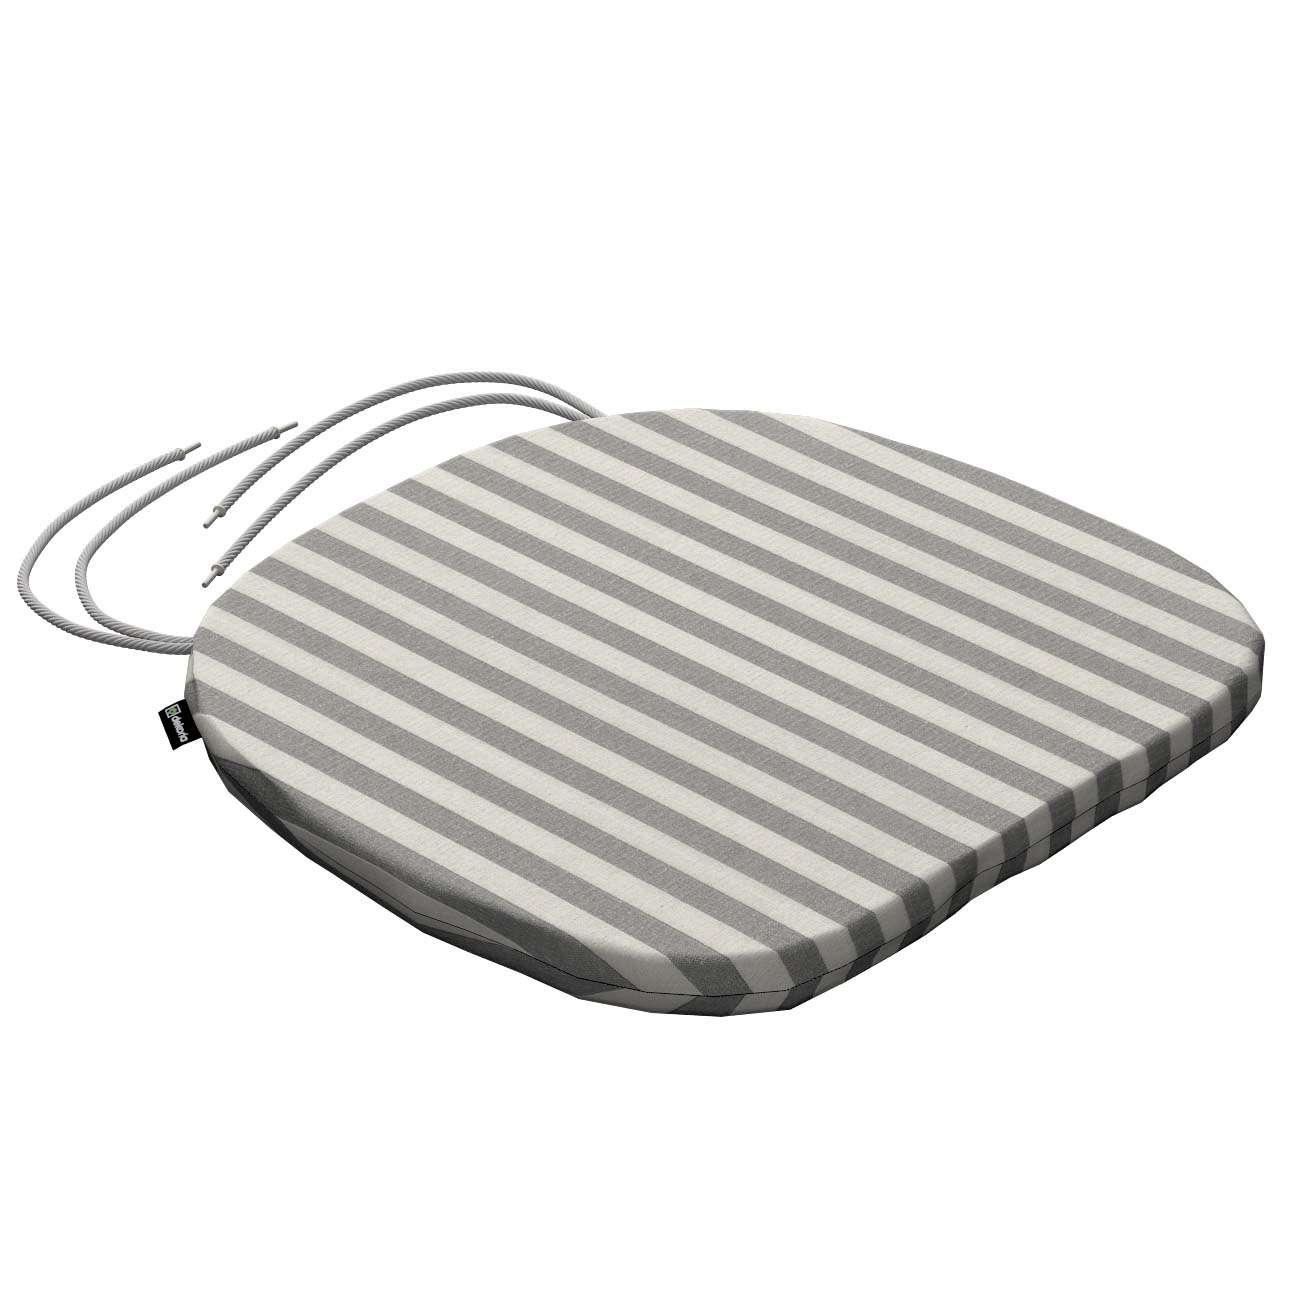 Siedzisko Bartek na krzesło 40x37x2,5cm w kolekcji Quadro, tkanina: 136-12